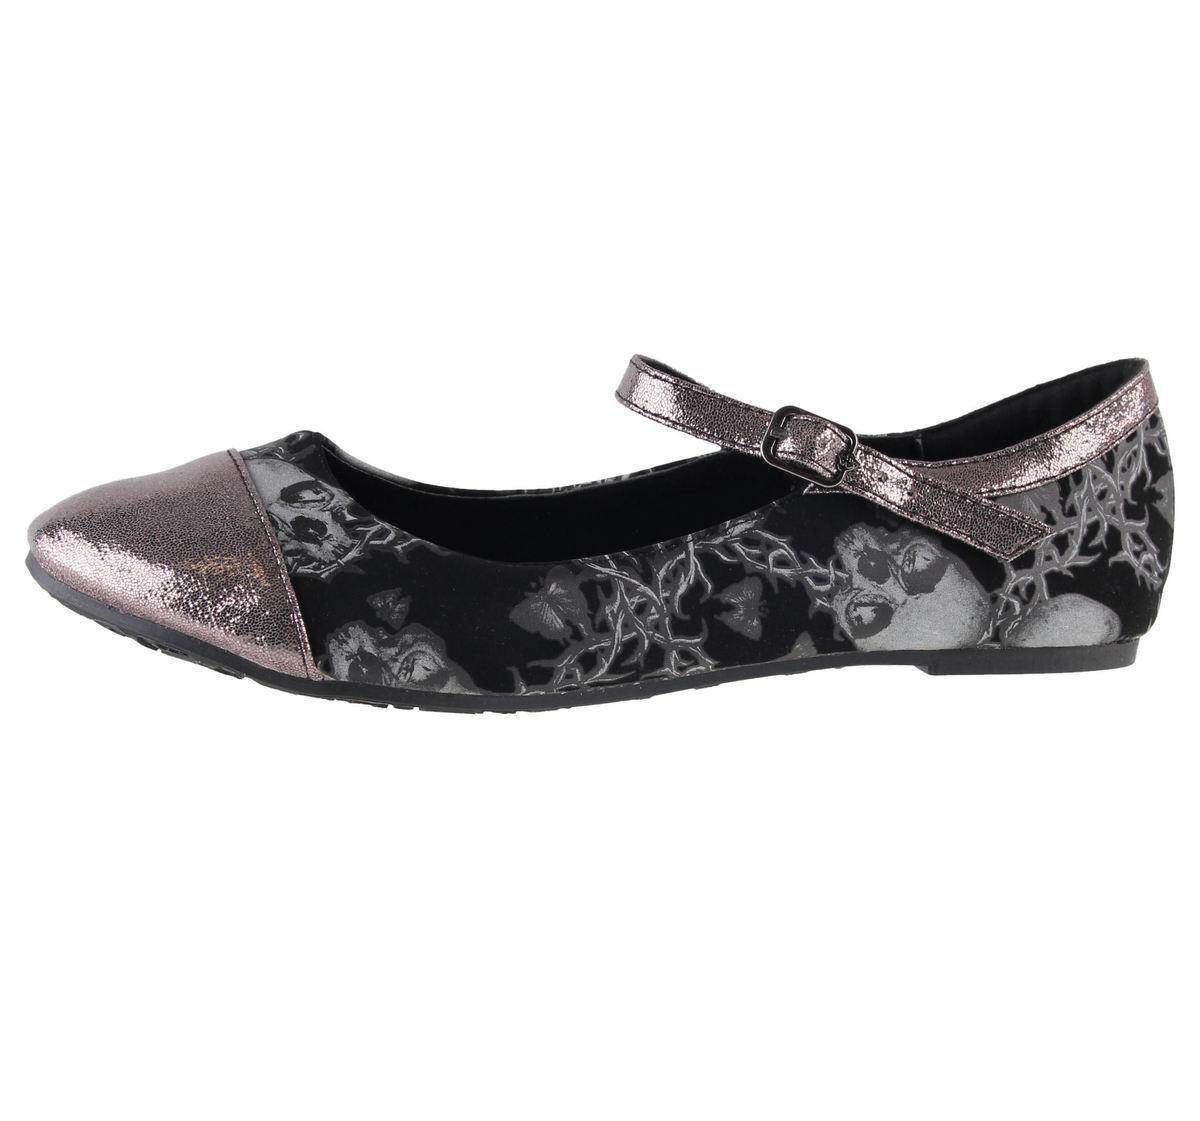 boty dámské (baleríny) IRON FIST - Urban Decay Flat - Black - IFW05083